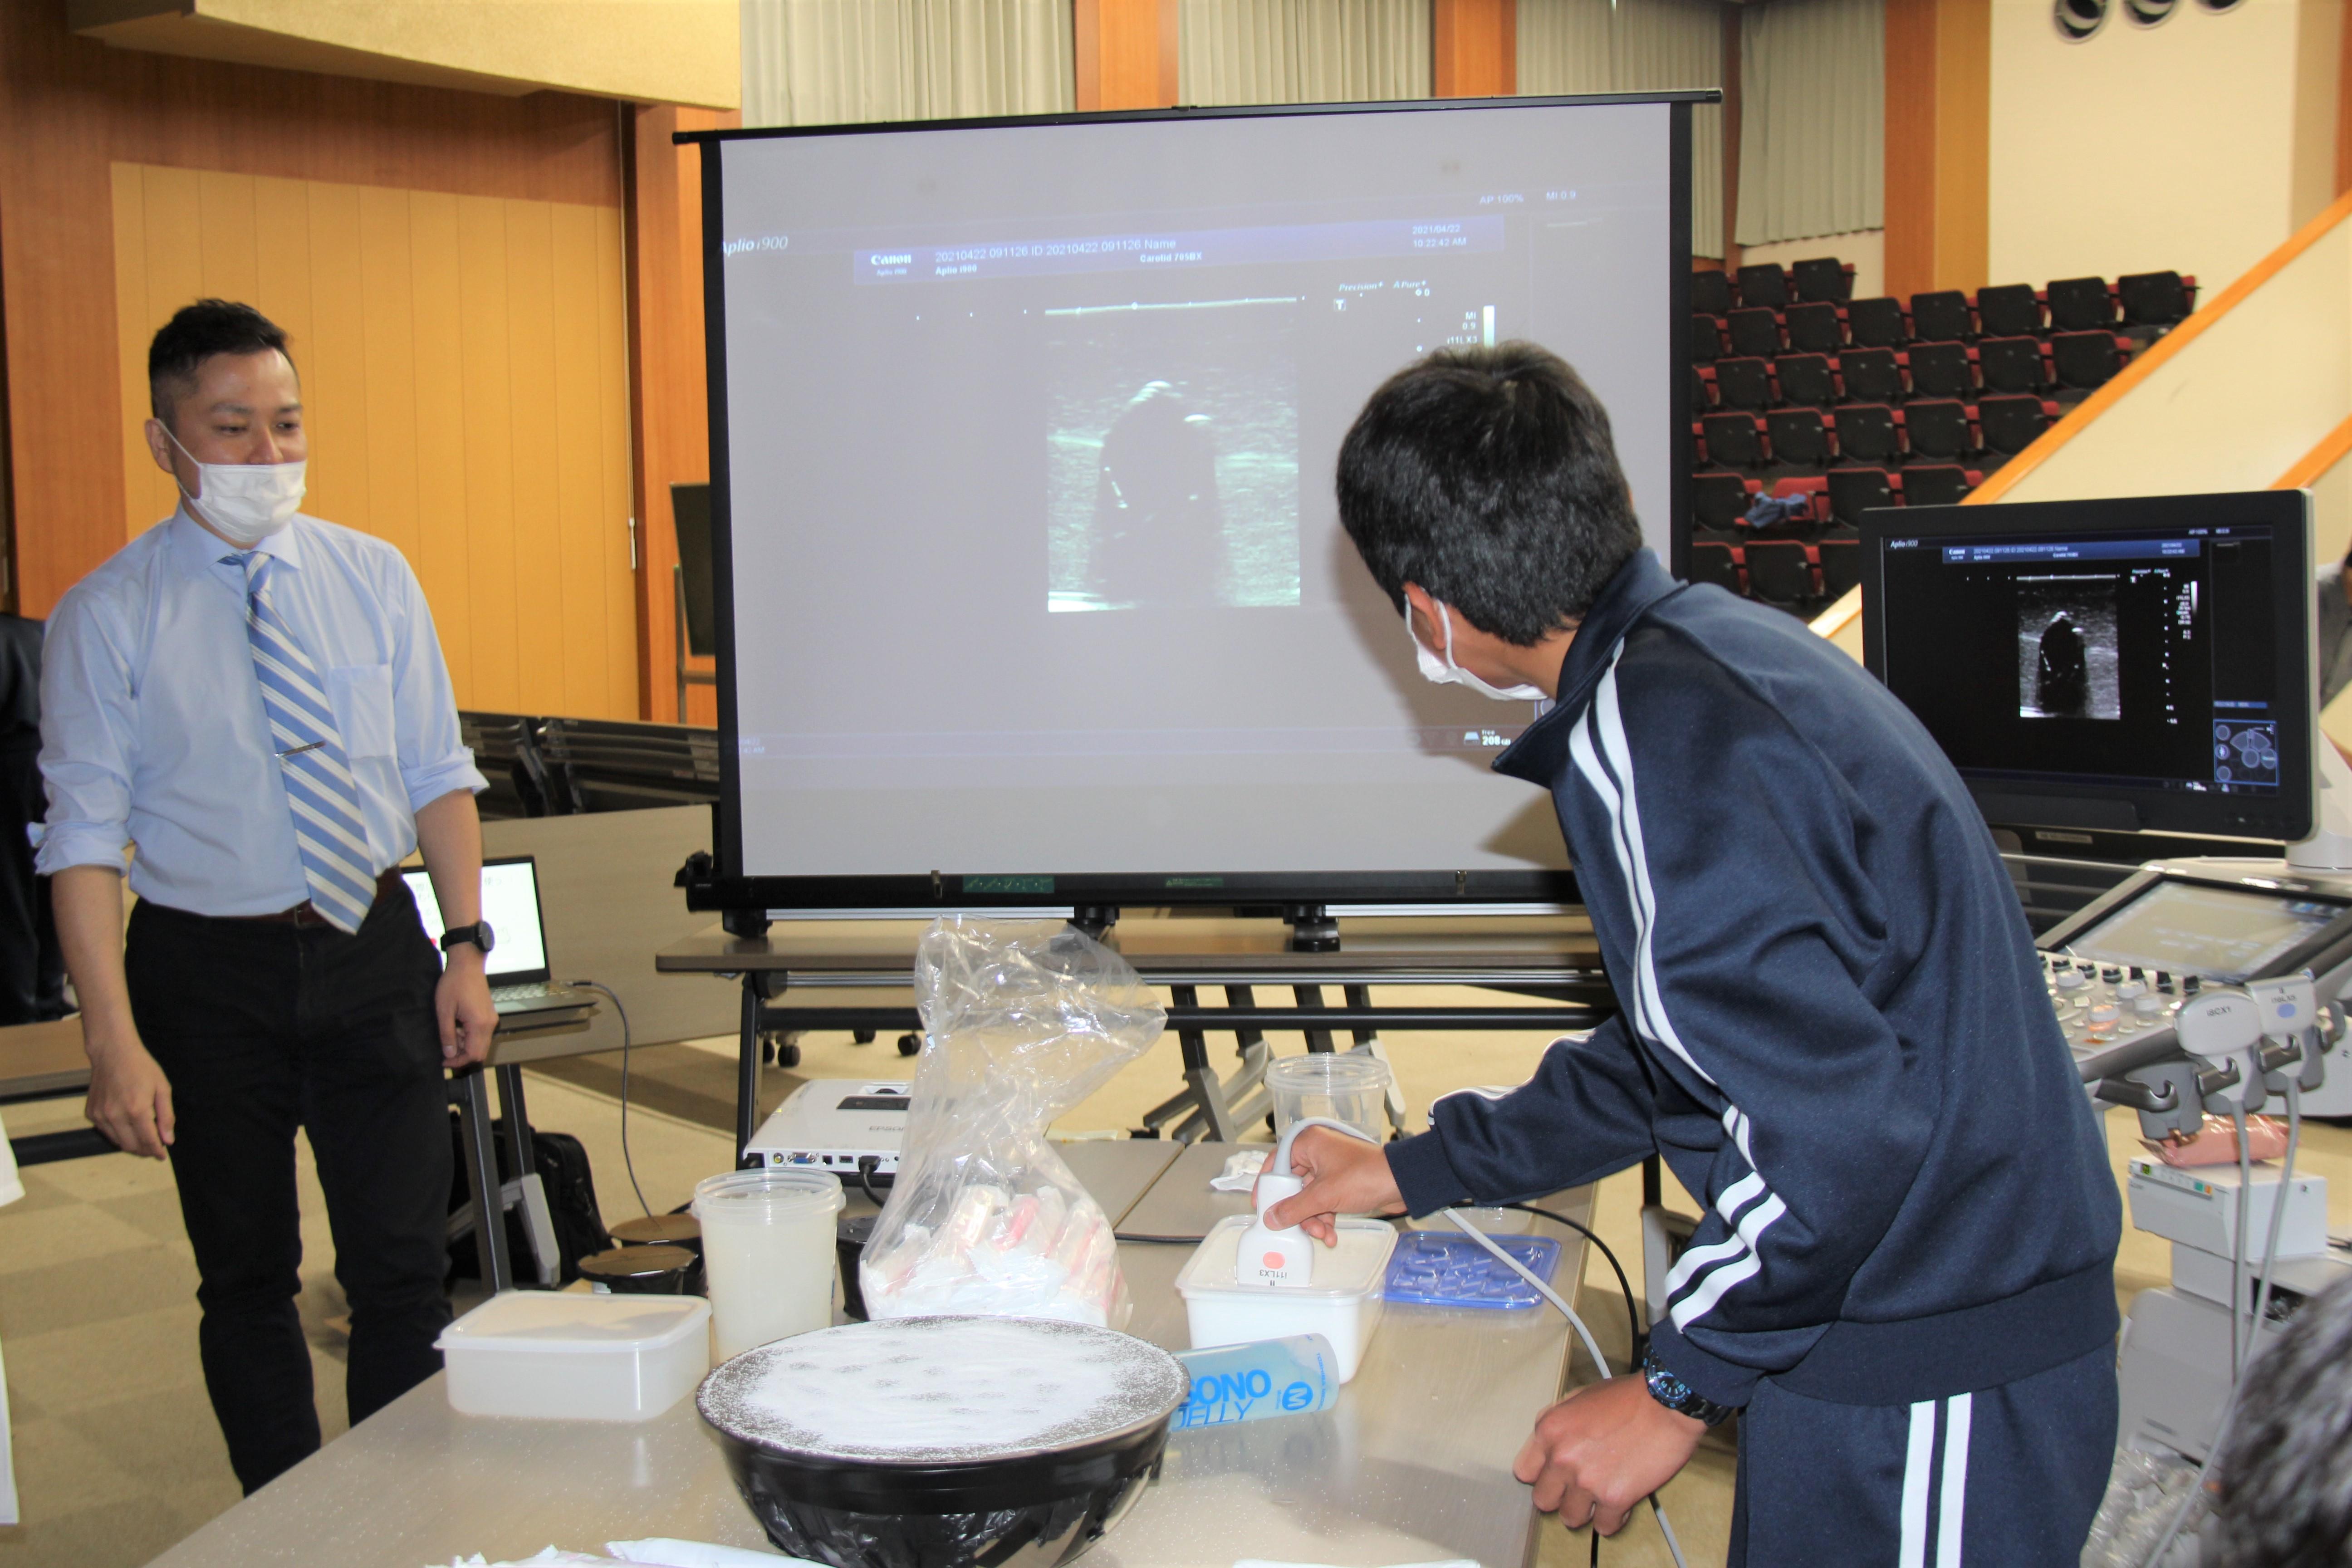 トップ > 新着情報 > 鳥取大学附属中学校3年生が修学旅行(体験実習)で医学部を訪れました01